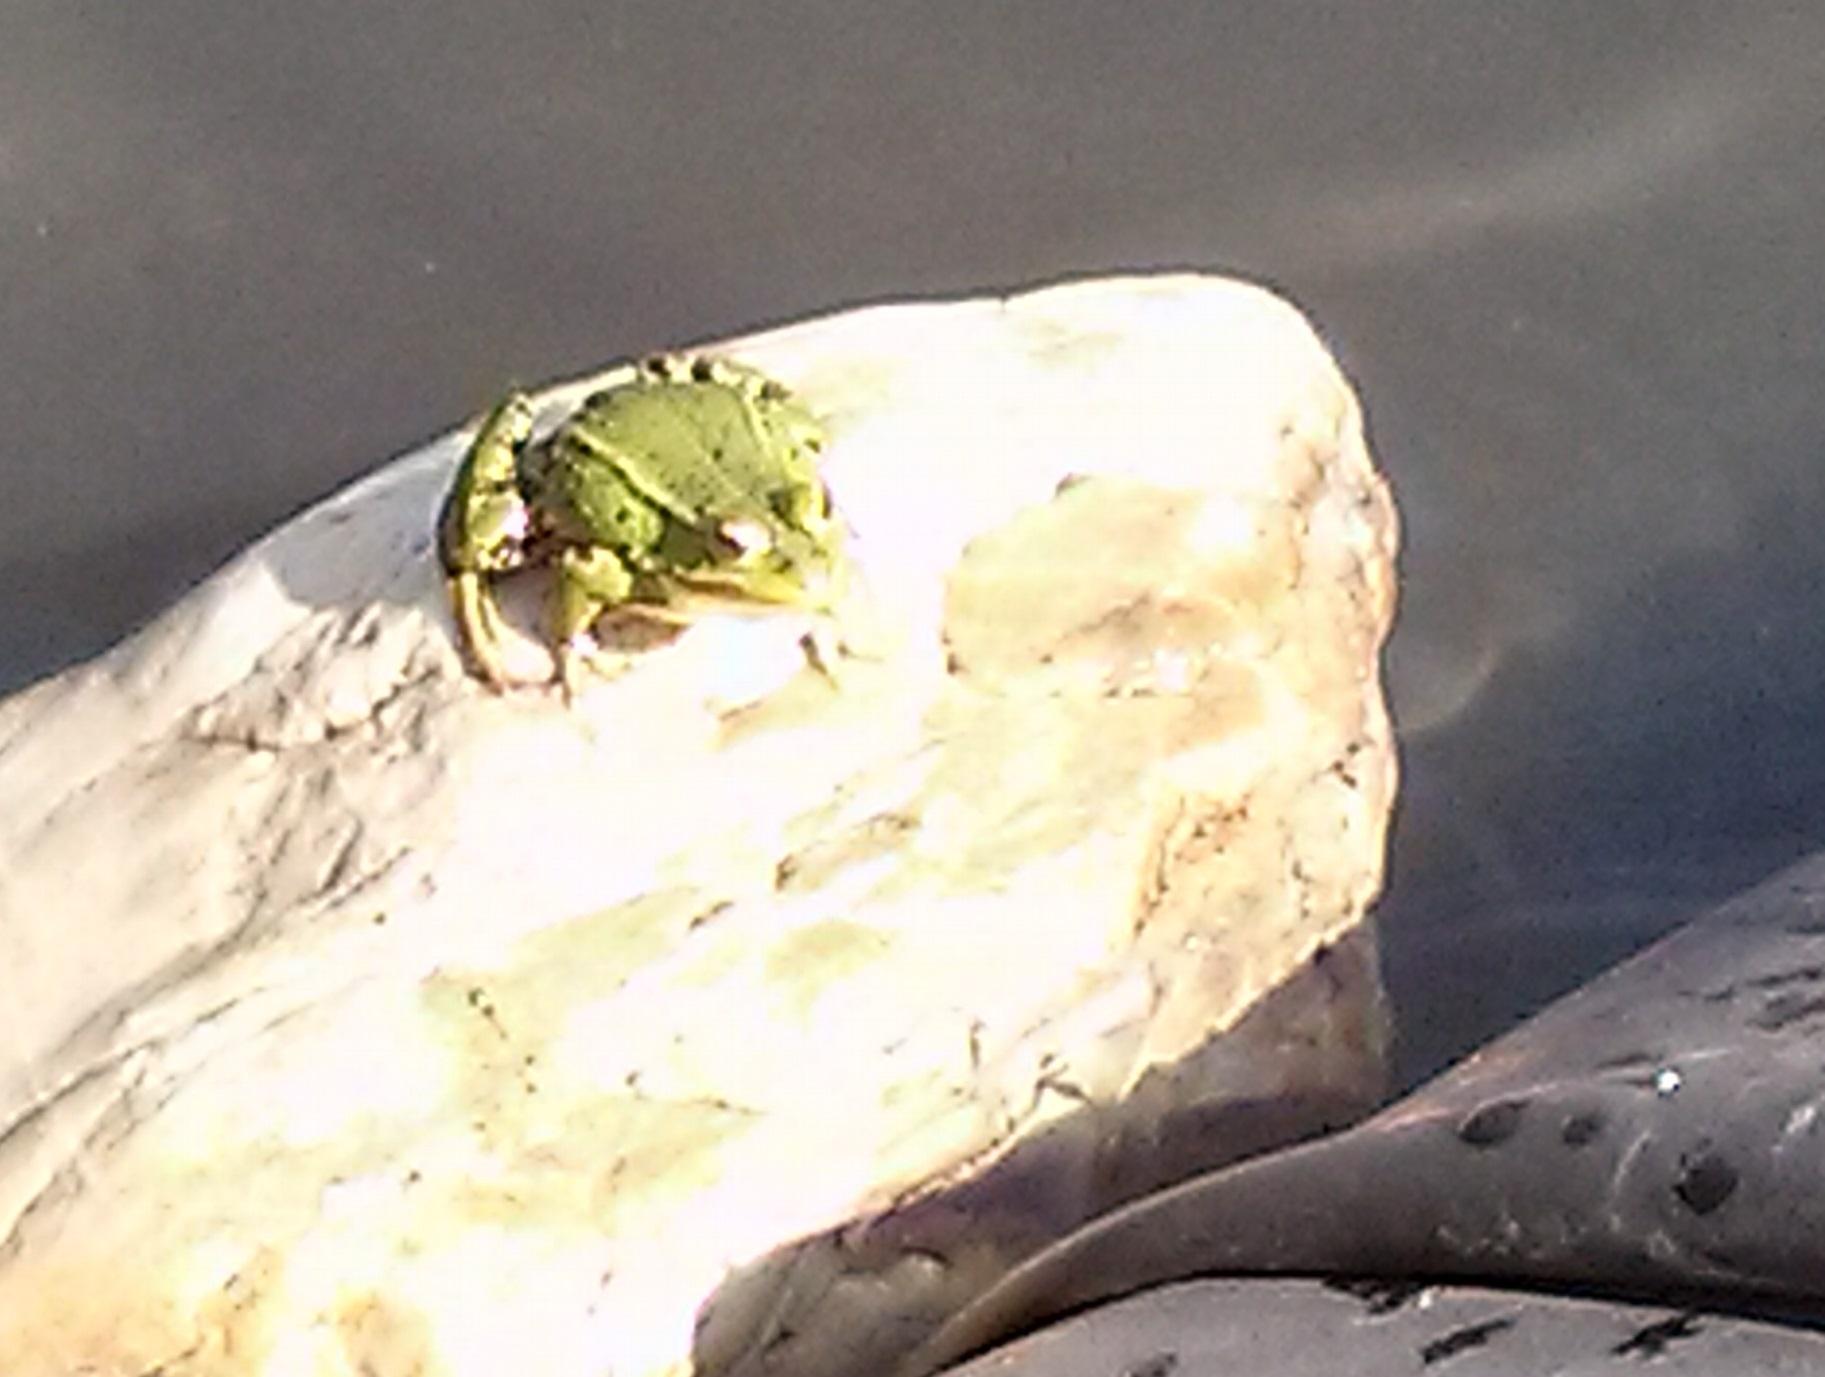 Und noch einer genießt sein neues Zuhause, ein Frosch.